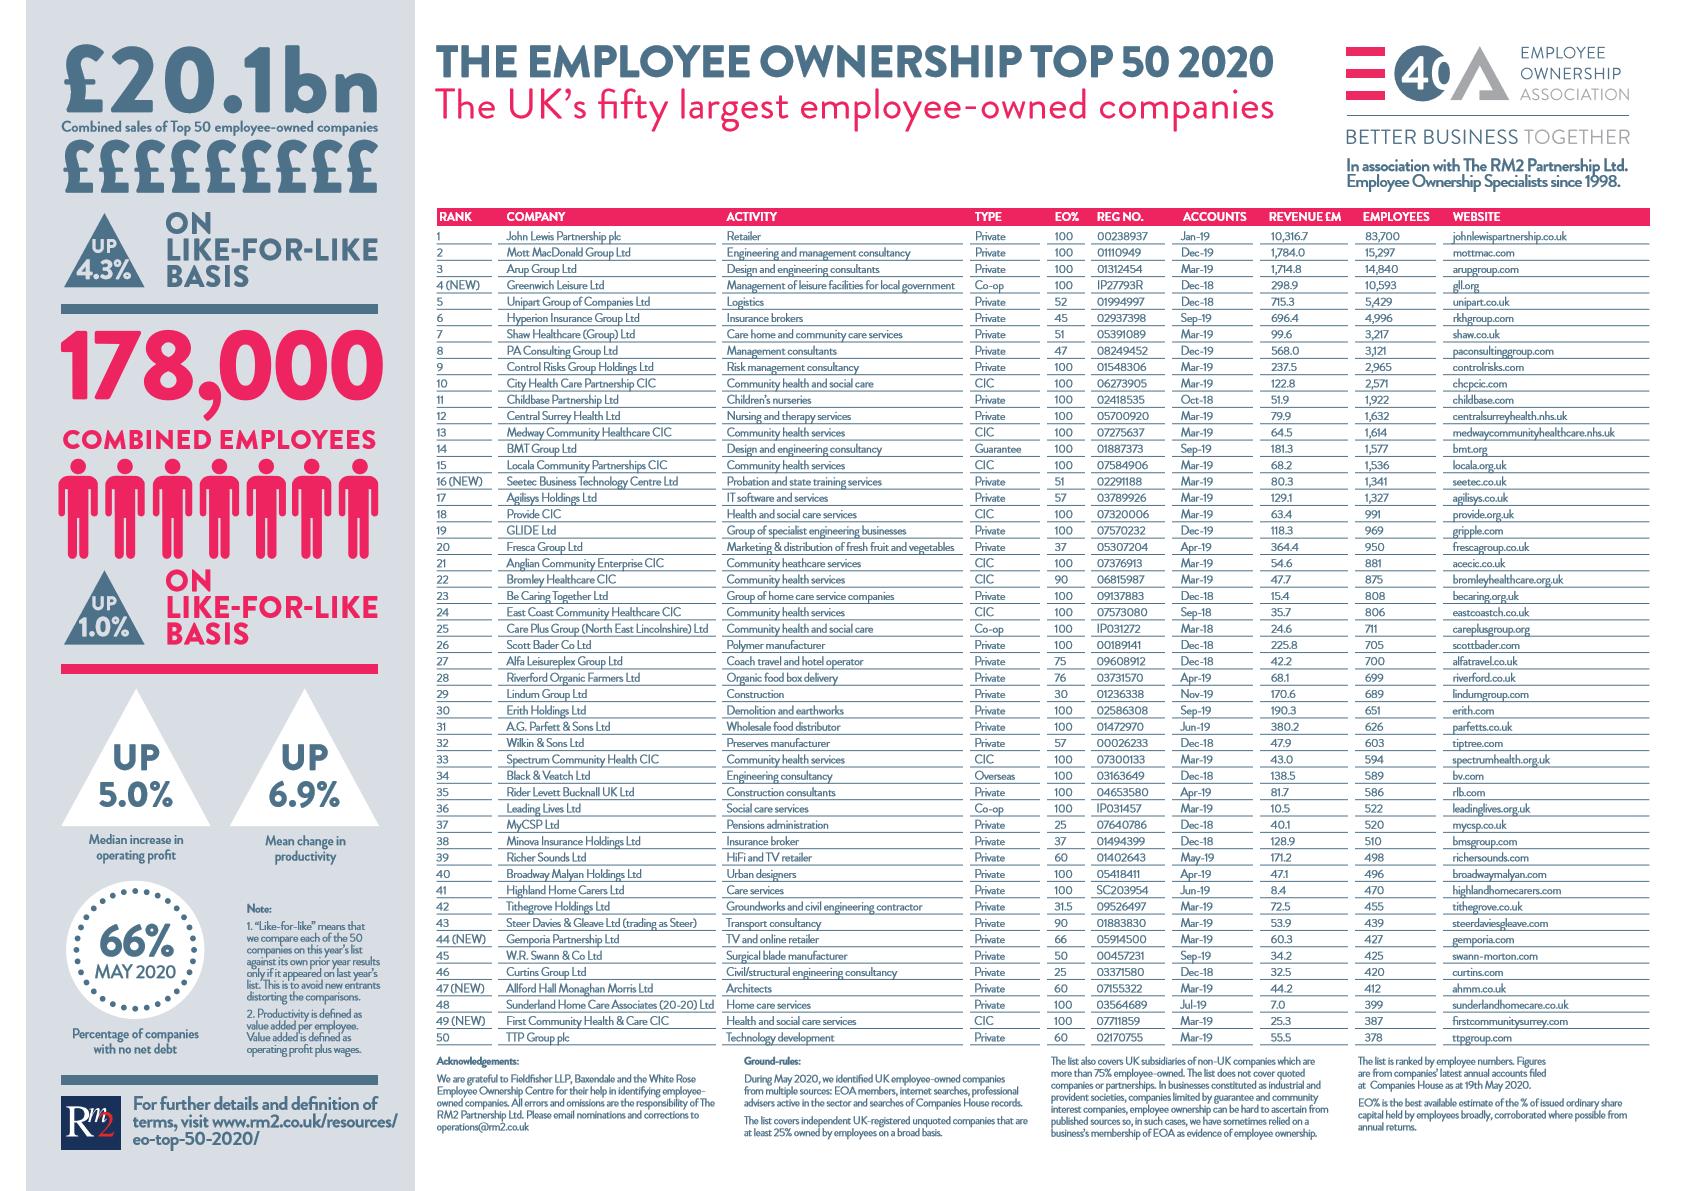 EO Top 50 2020